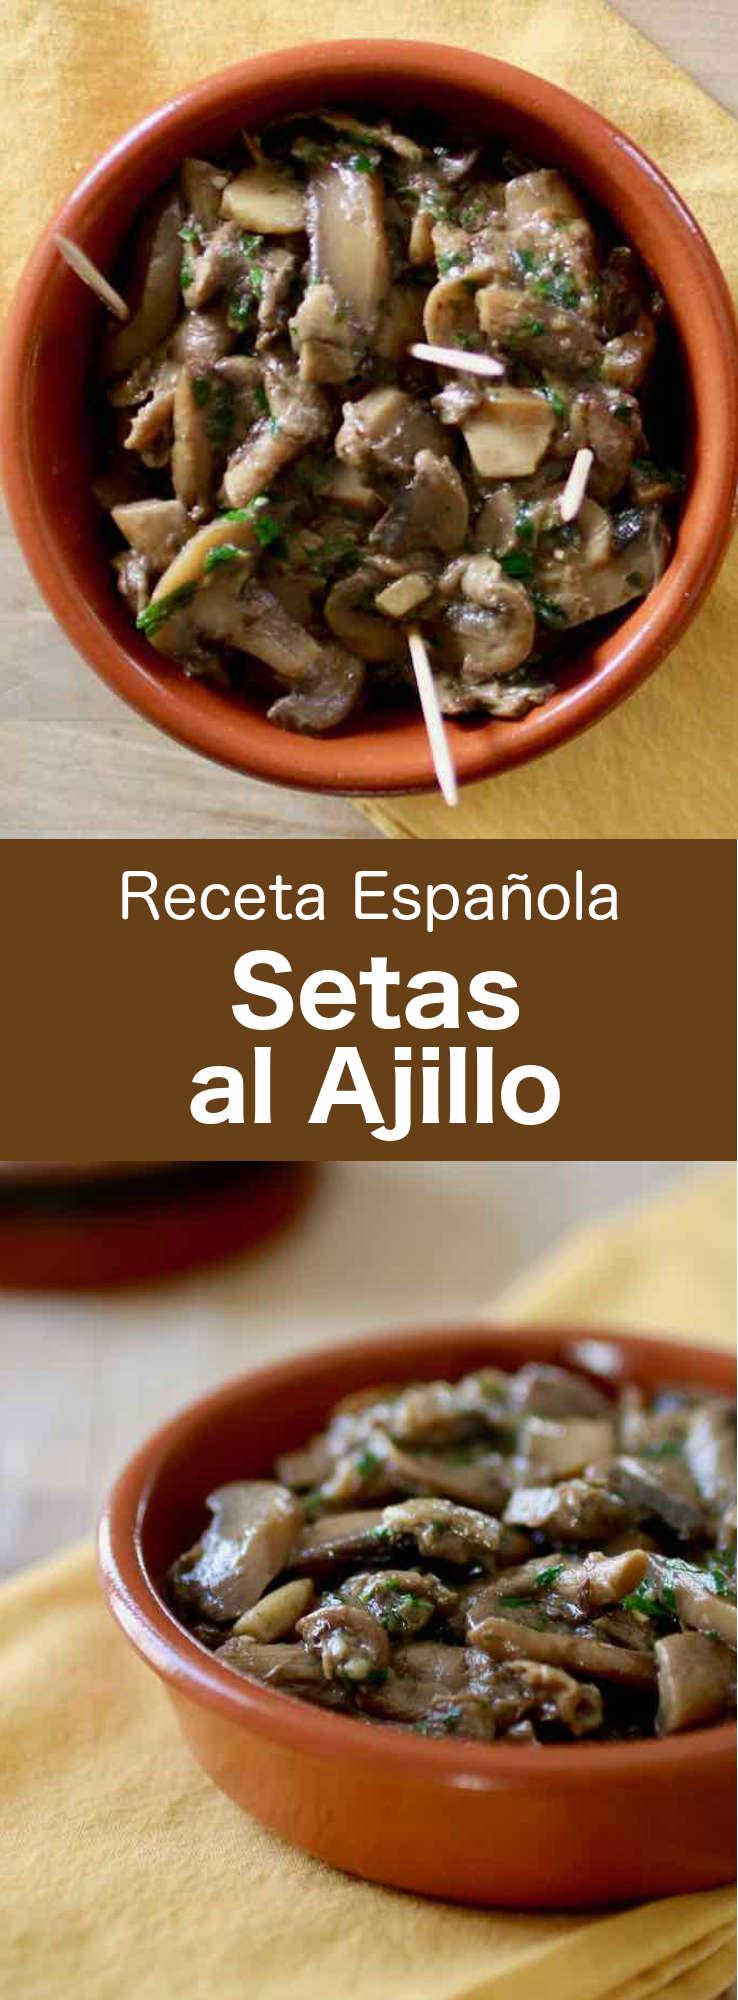 Las setas o champiñones al ajillo son una de las tapas españolas favoritas, preparadas con champiñones salteados con ajo y vino blanco, y decoradas con perejil.